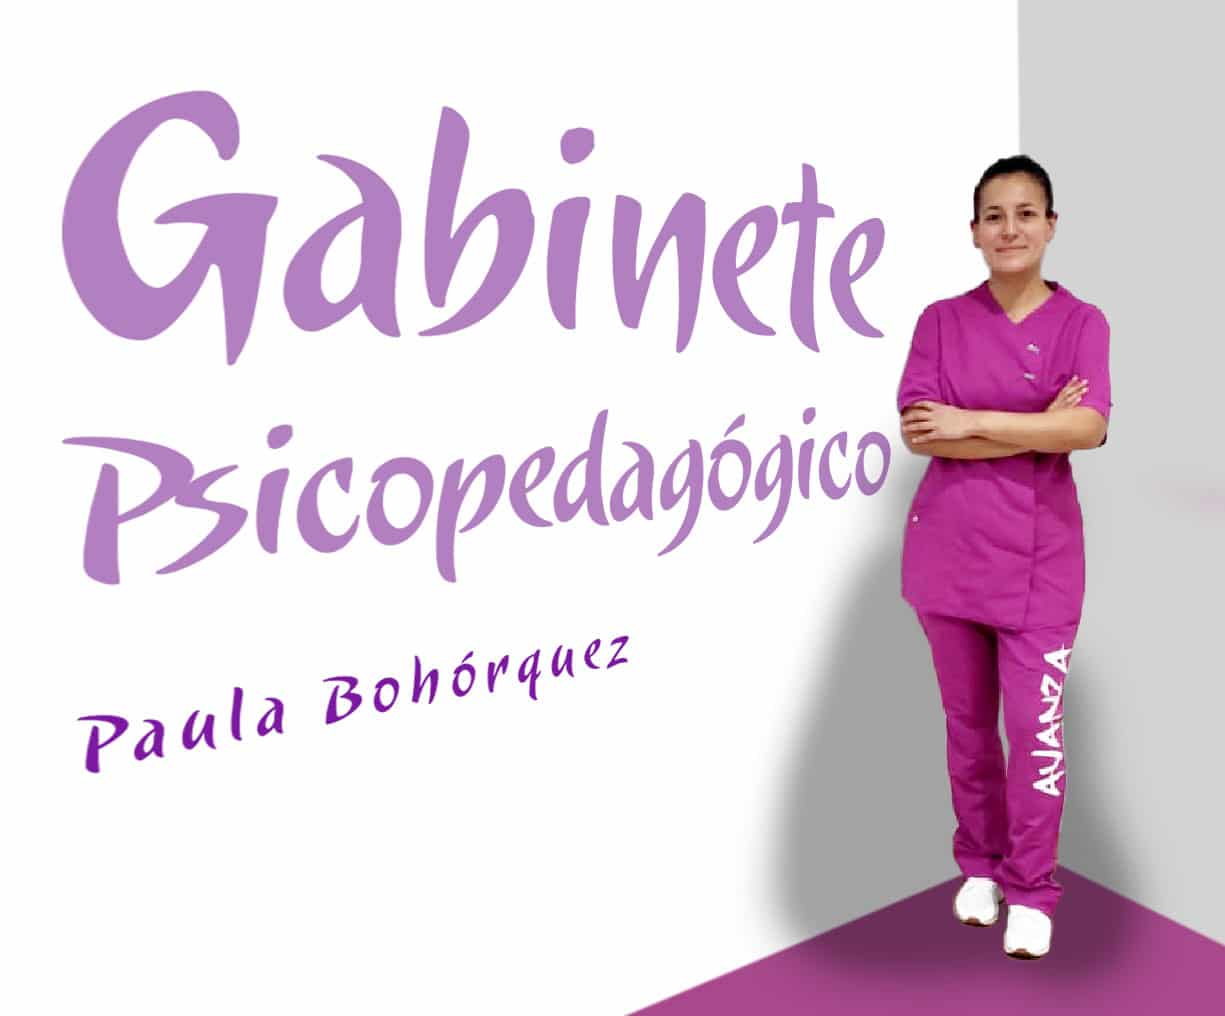 Paula Bohórquez